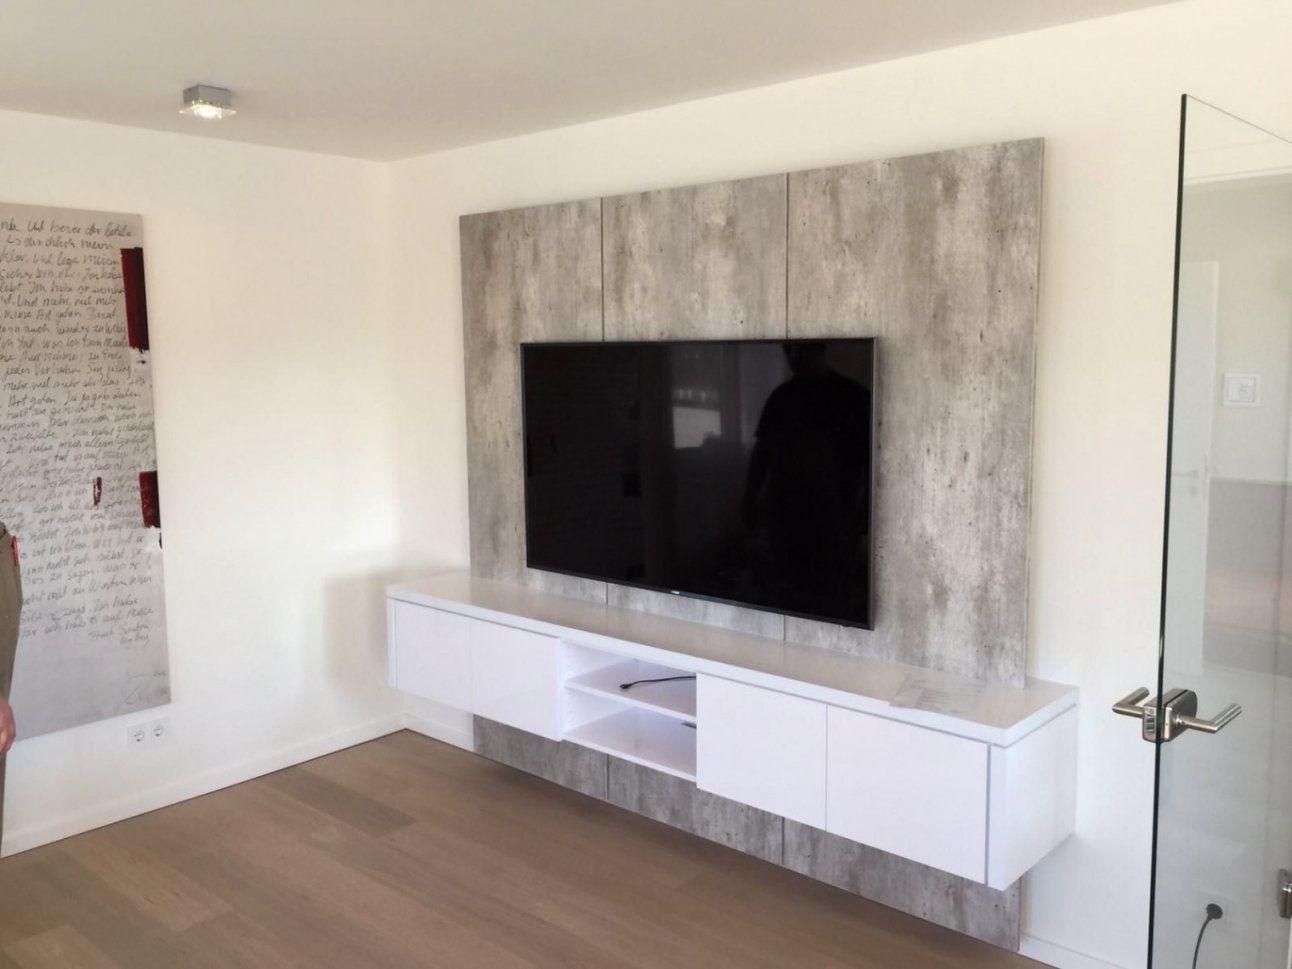 Elegant Tv Wand Xxl In Betonoptik Für Kunden In Solingen Zum Tv Wand von Tv Wand Selber Bauen Anleitung Photo